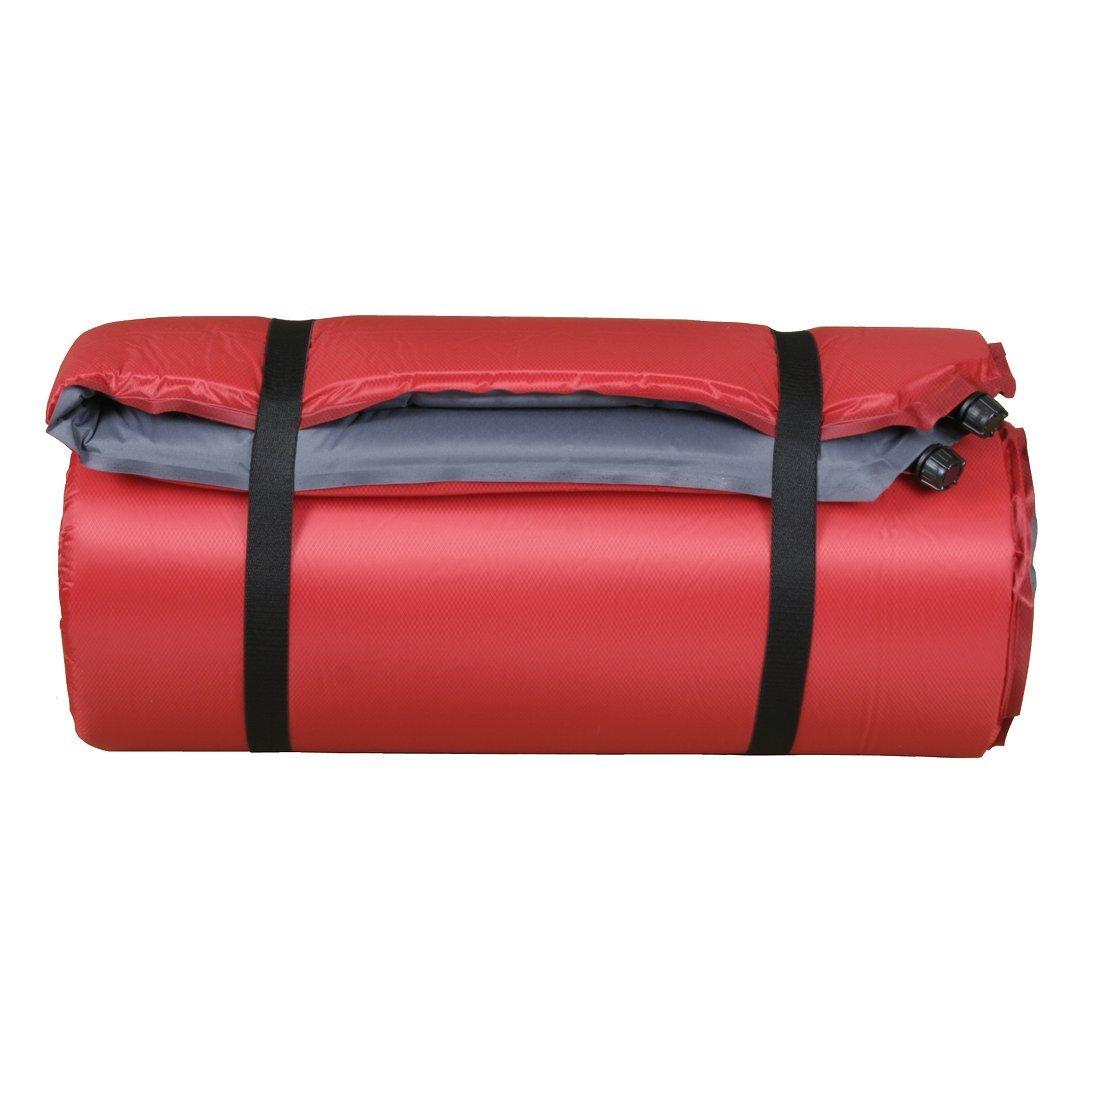 10T Bob Twin Esterilla Auto-inflables, Unisex, Rojo, Estándar: Amazon.es: Deportes y aire libre